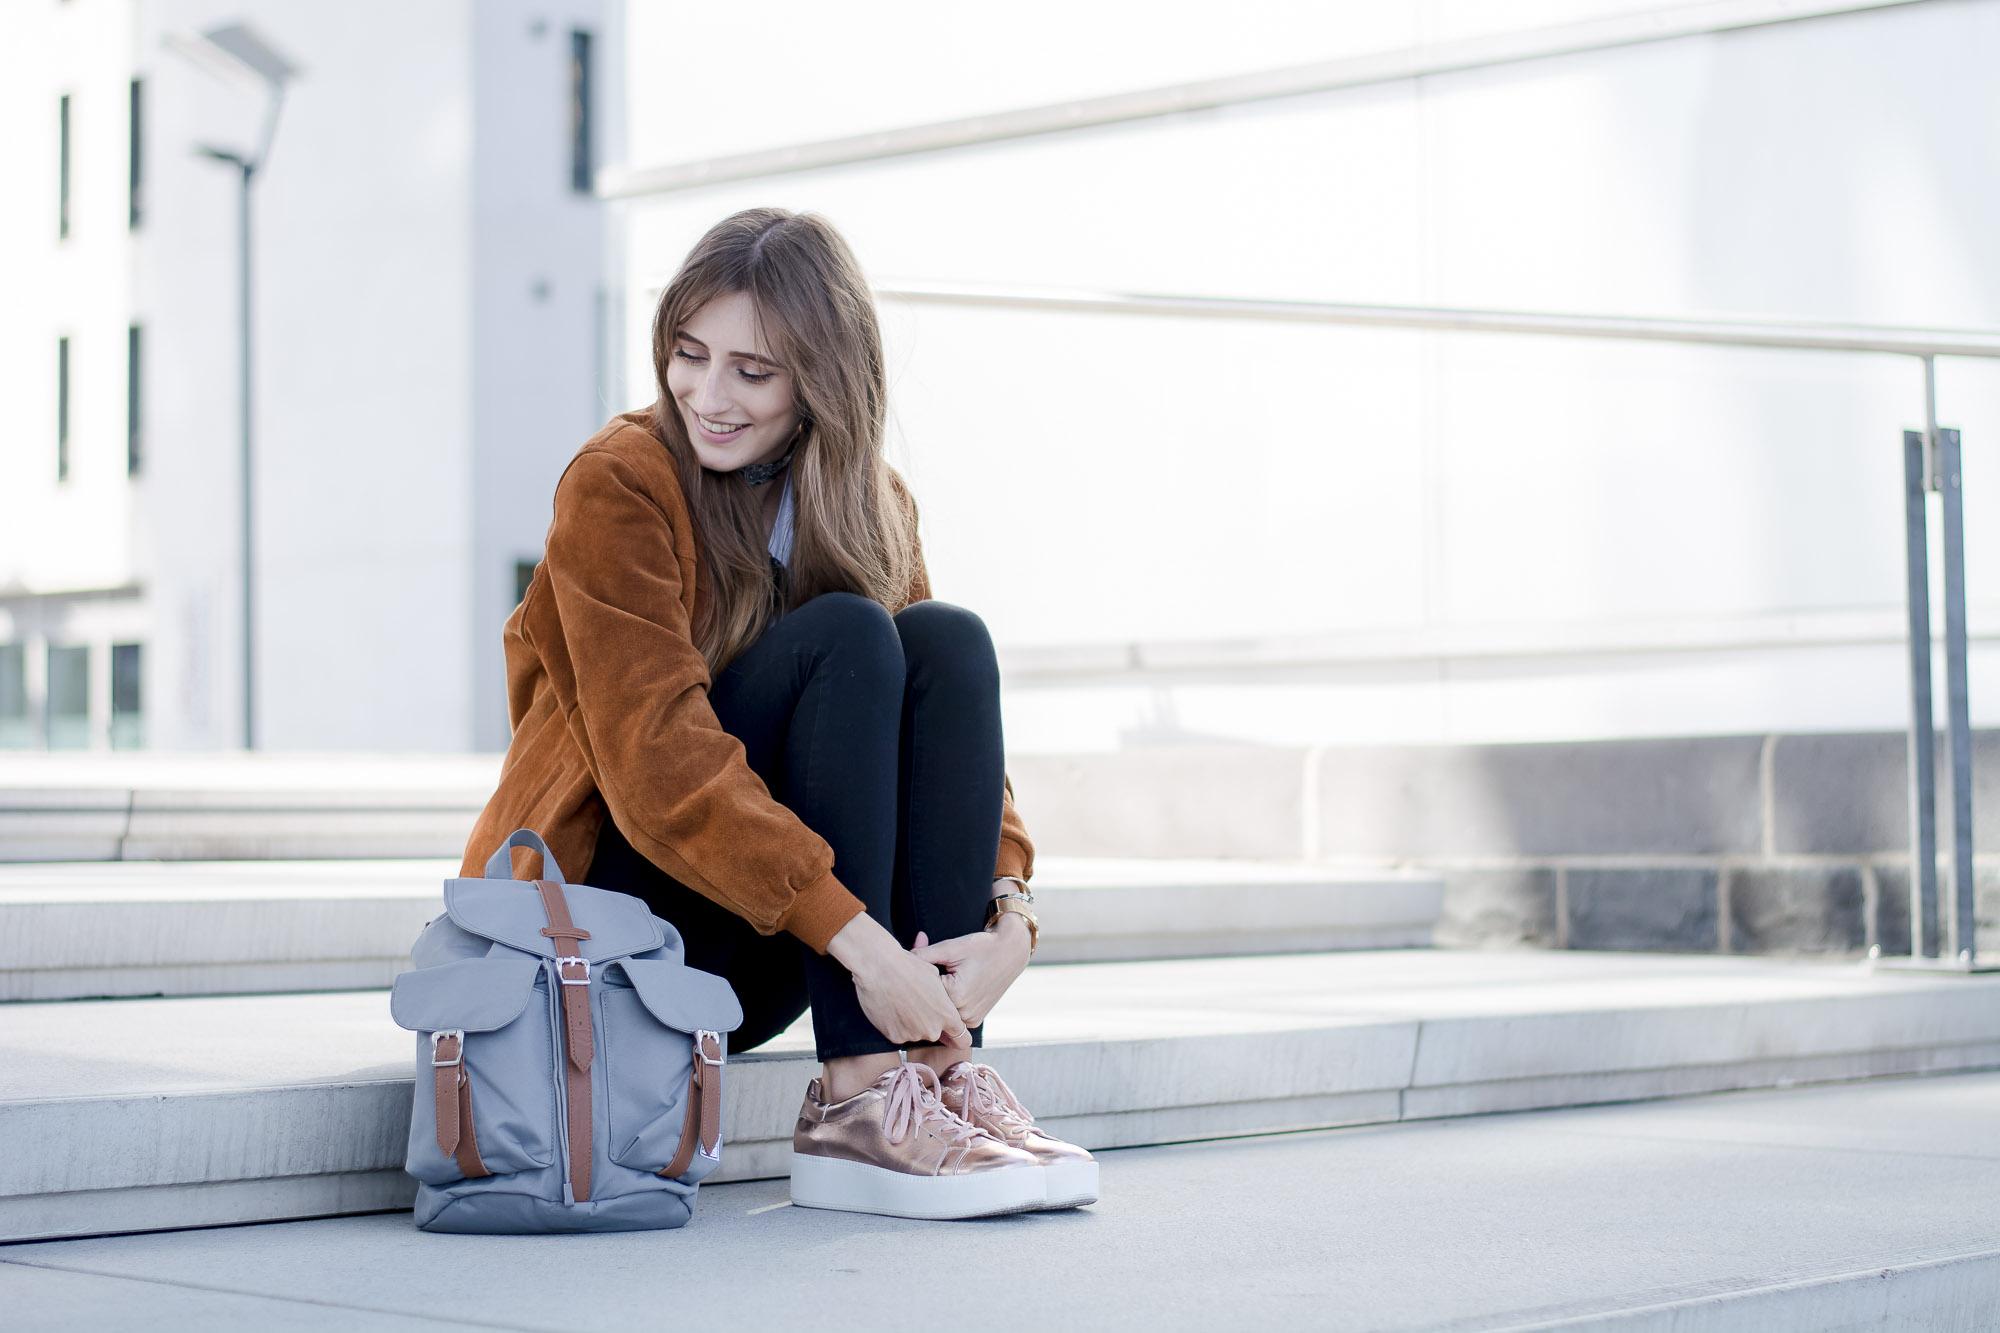 Metallic Sneakers by Deichmann | Lisa Fiege